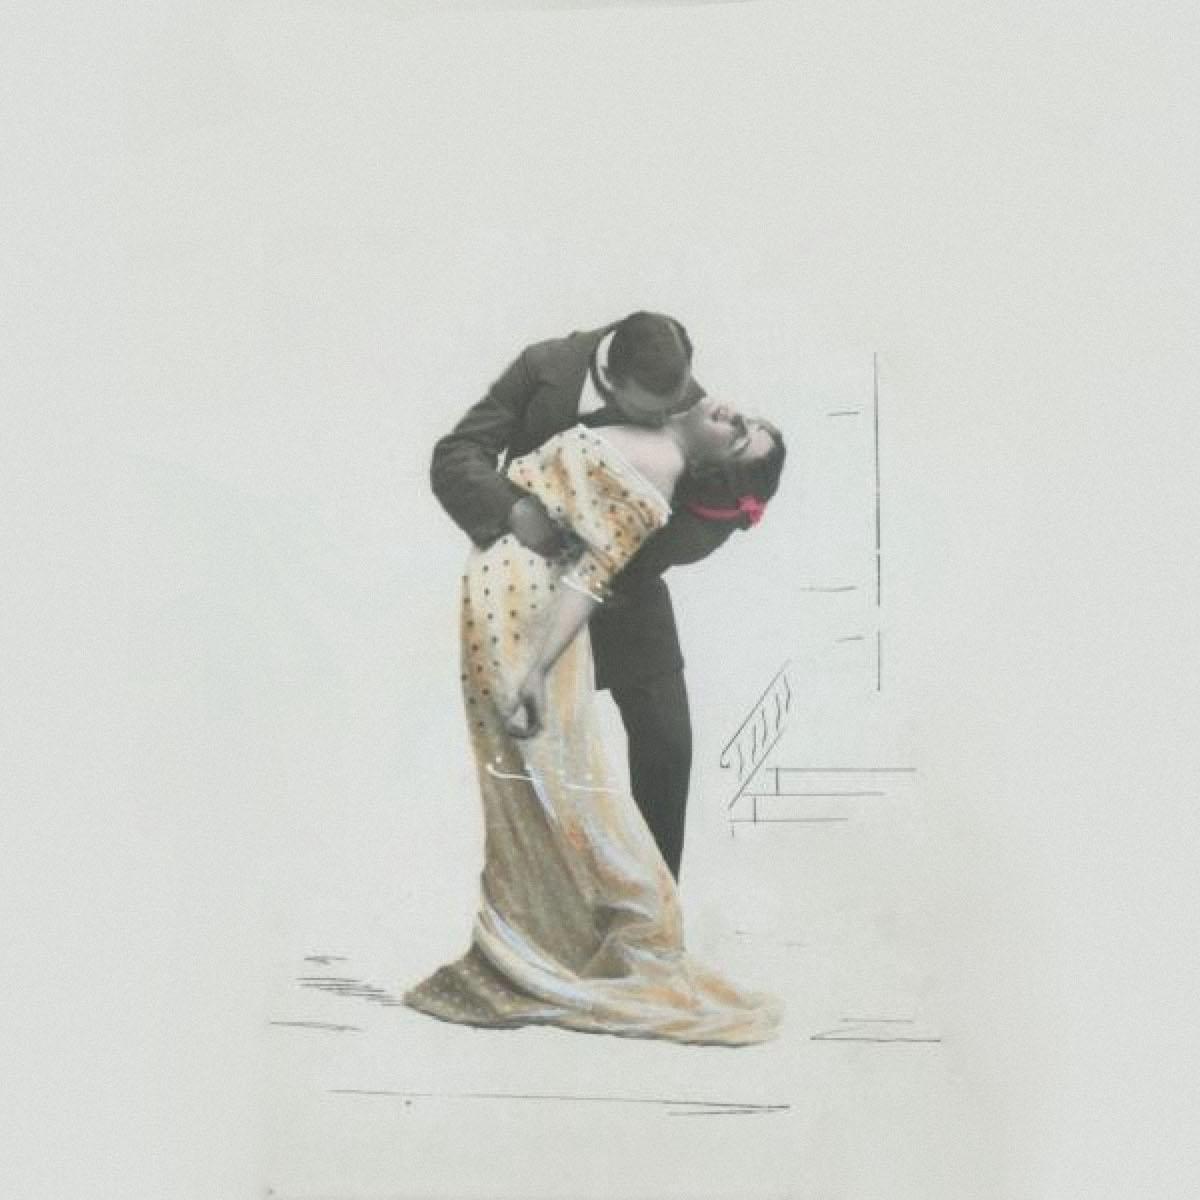 «Танго», неизвестный автор. Дата съемки: 1910-е годы. Фото: russiainphoto.ru